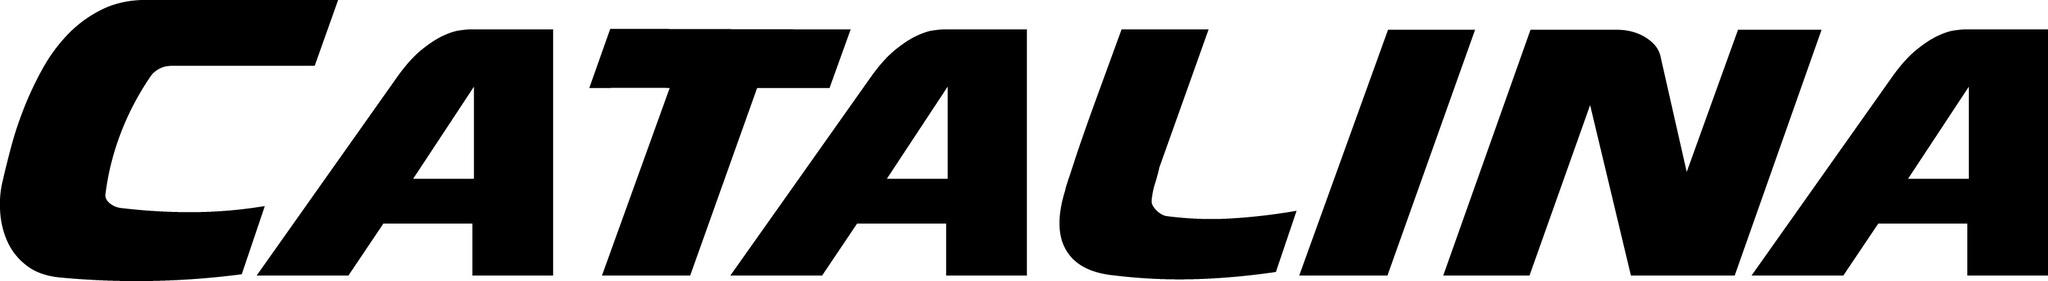 CATALINA DESTINATION Destination Trailer Logo